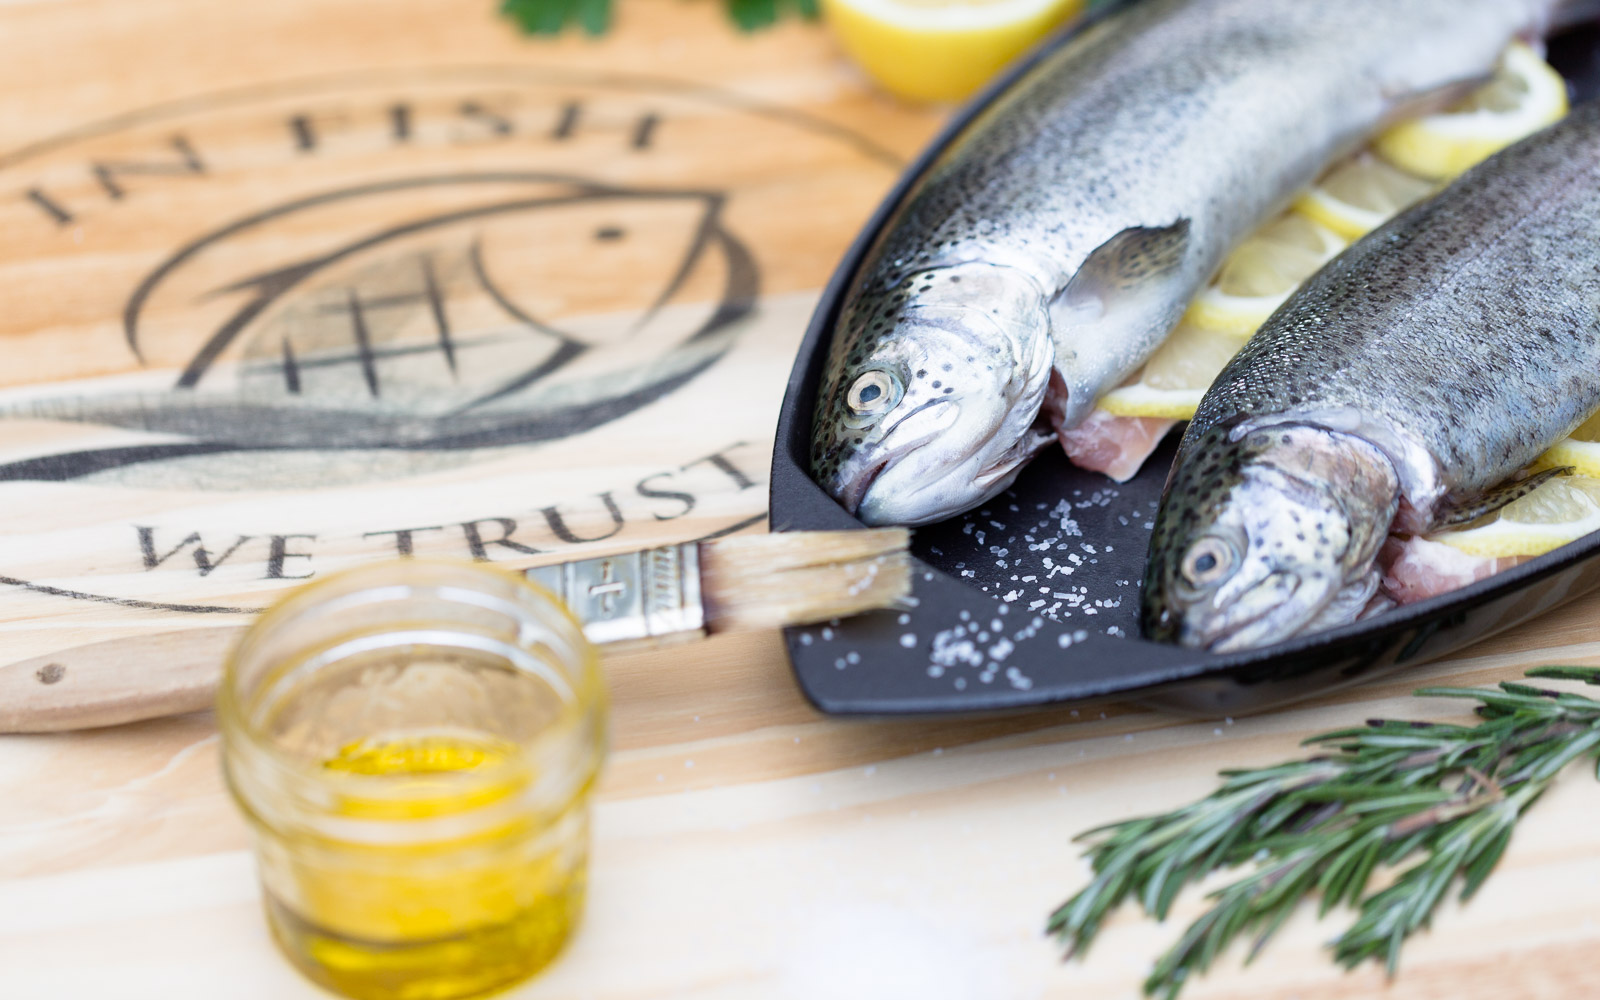 fishtrust.jpg